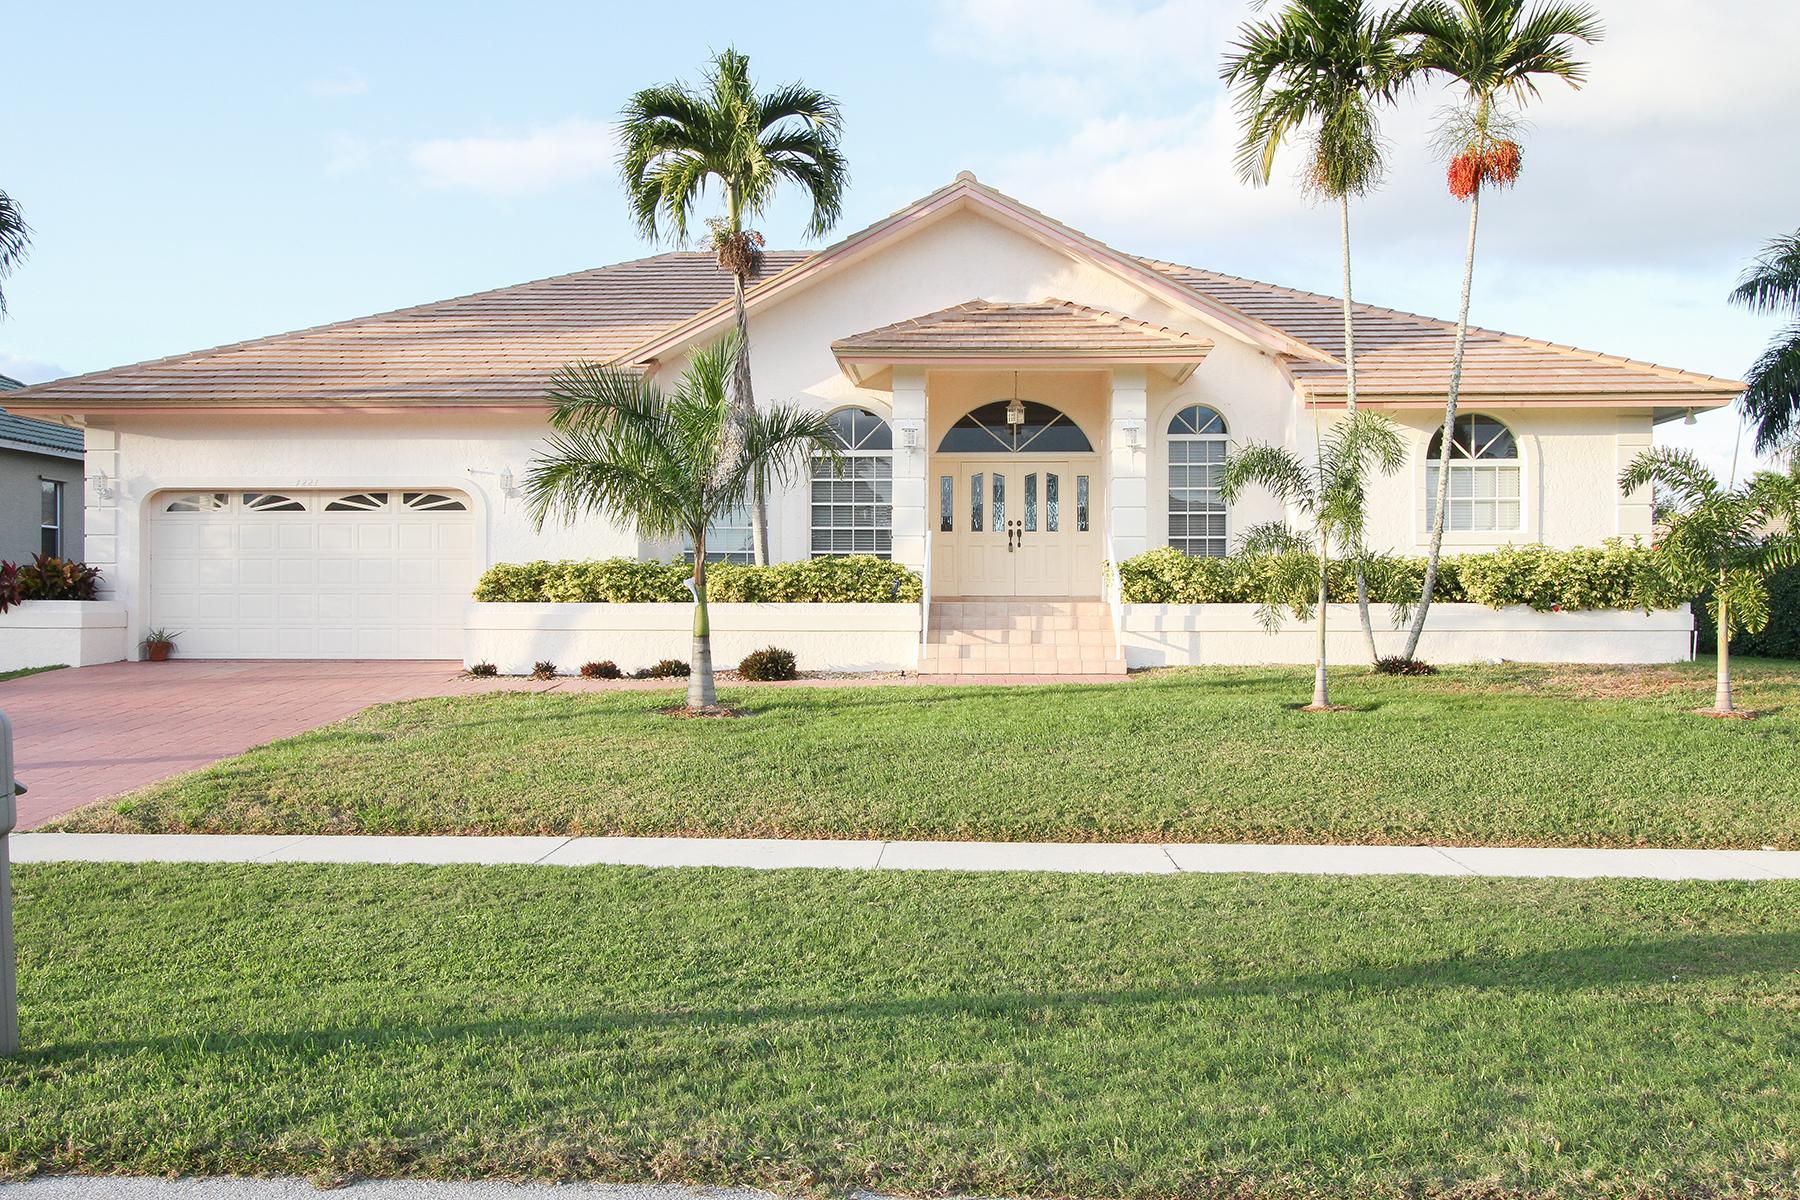 Maison unifamiliale pour l Vente à MARCO ISLAND - LUDLAM COURT 1221 Ludlam Ct Marco Island, Florida, 34145 États-Unis